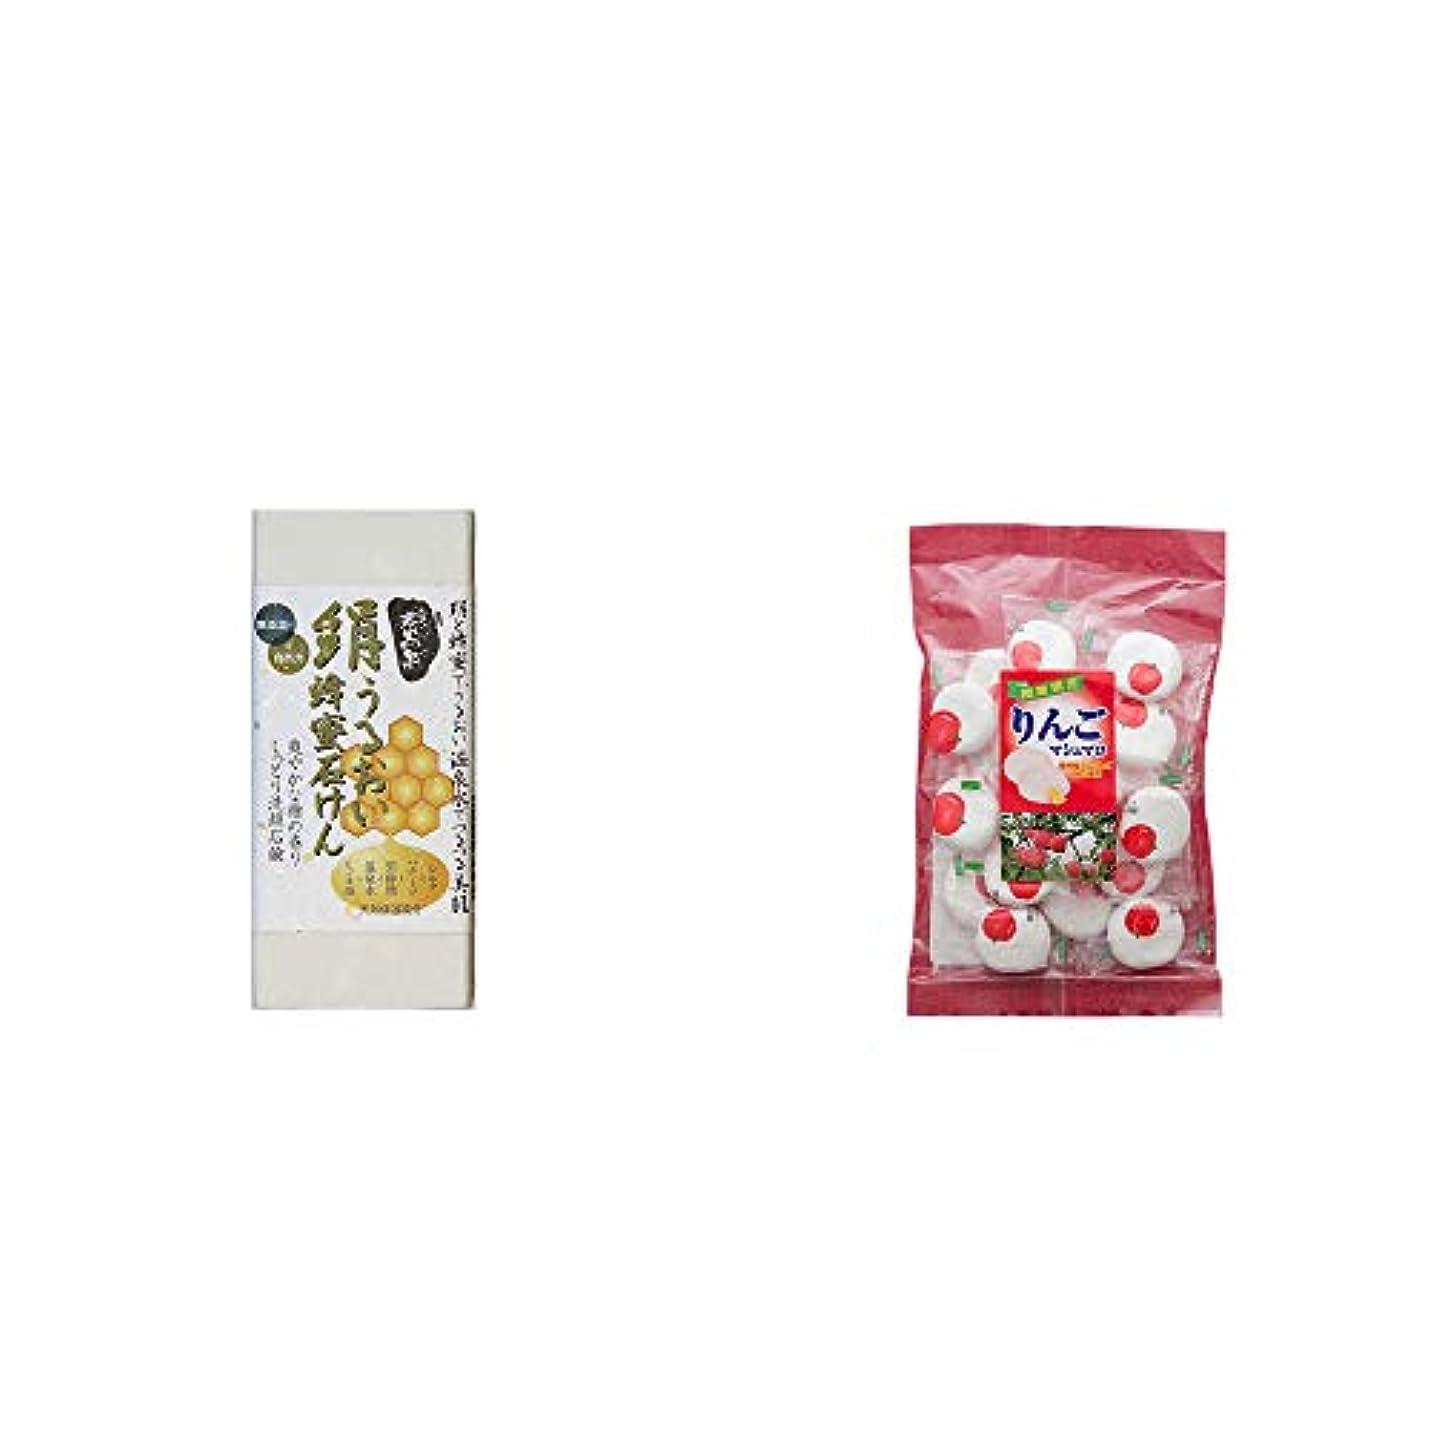 ほぼマーカー区別[2点セット] ひのき炭黒泉 絹うるおい蜂蜜石けん(75g×2)?信州りんご100%使用 りんごマシュマロ(110g)